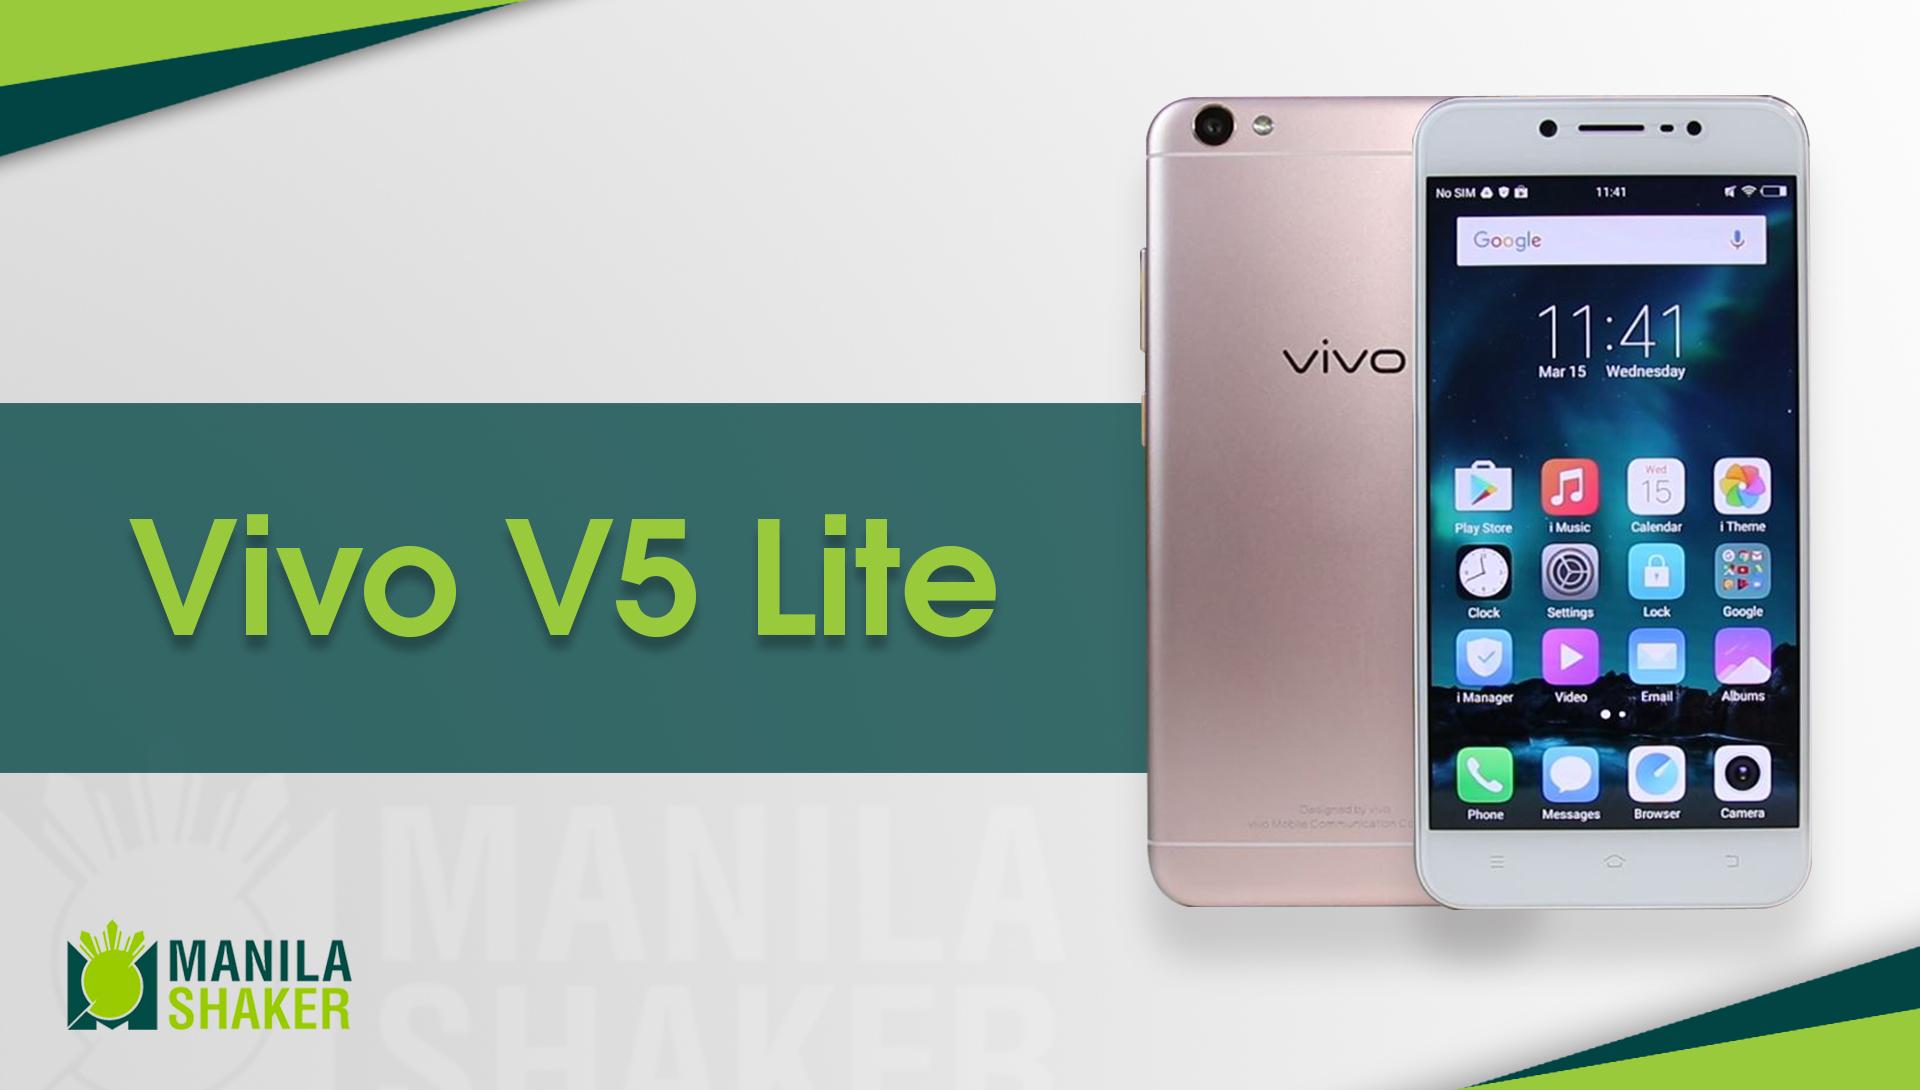 vivo-v5-lite-full-review